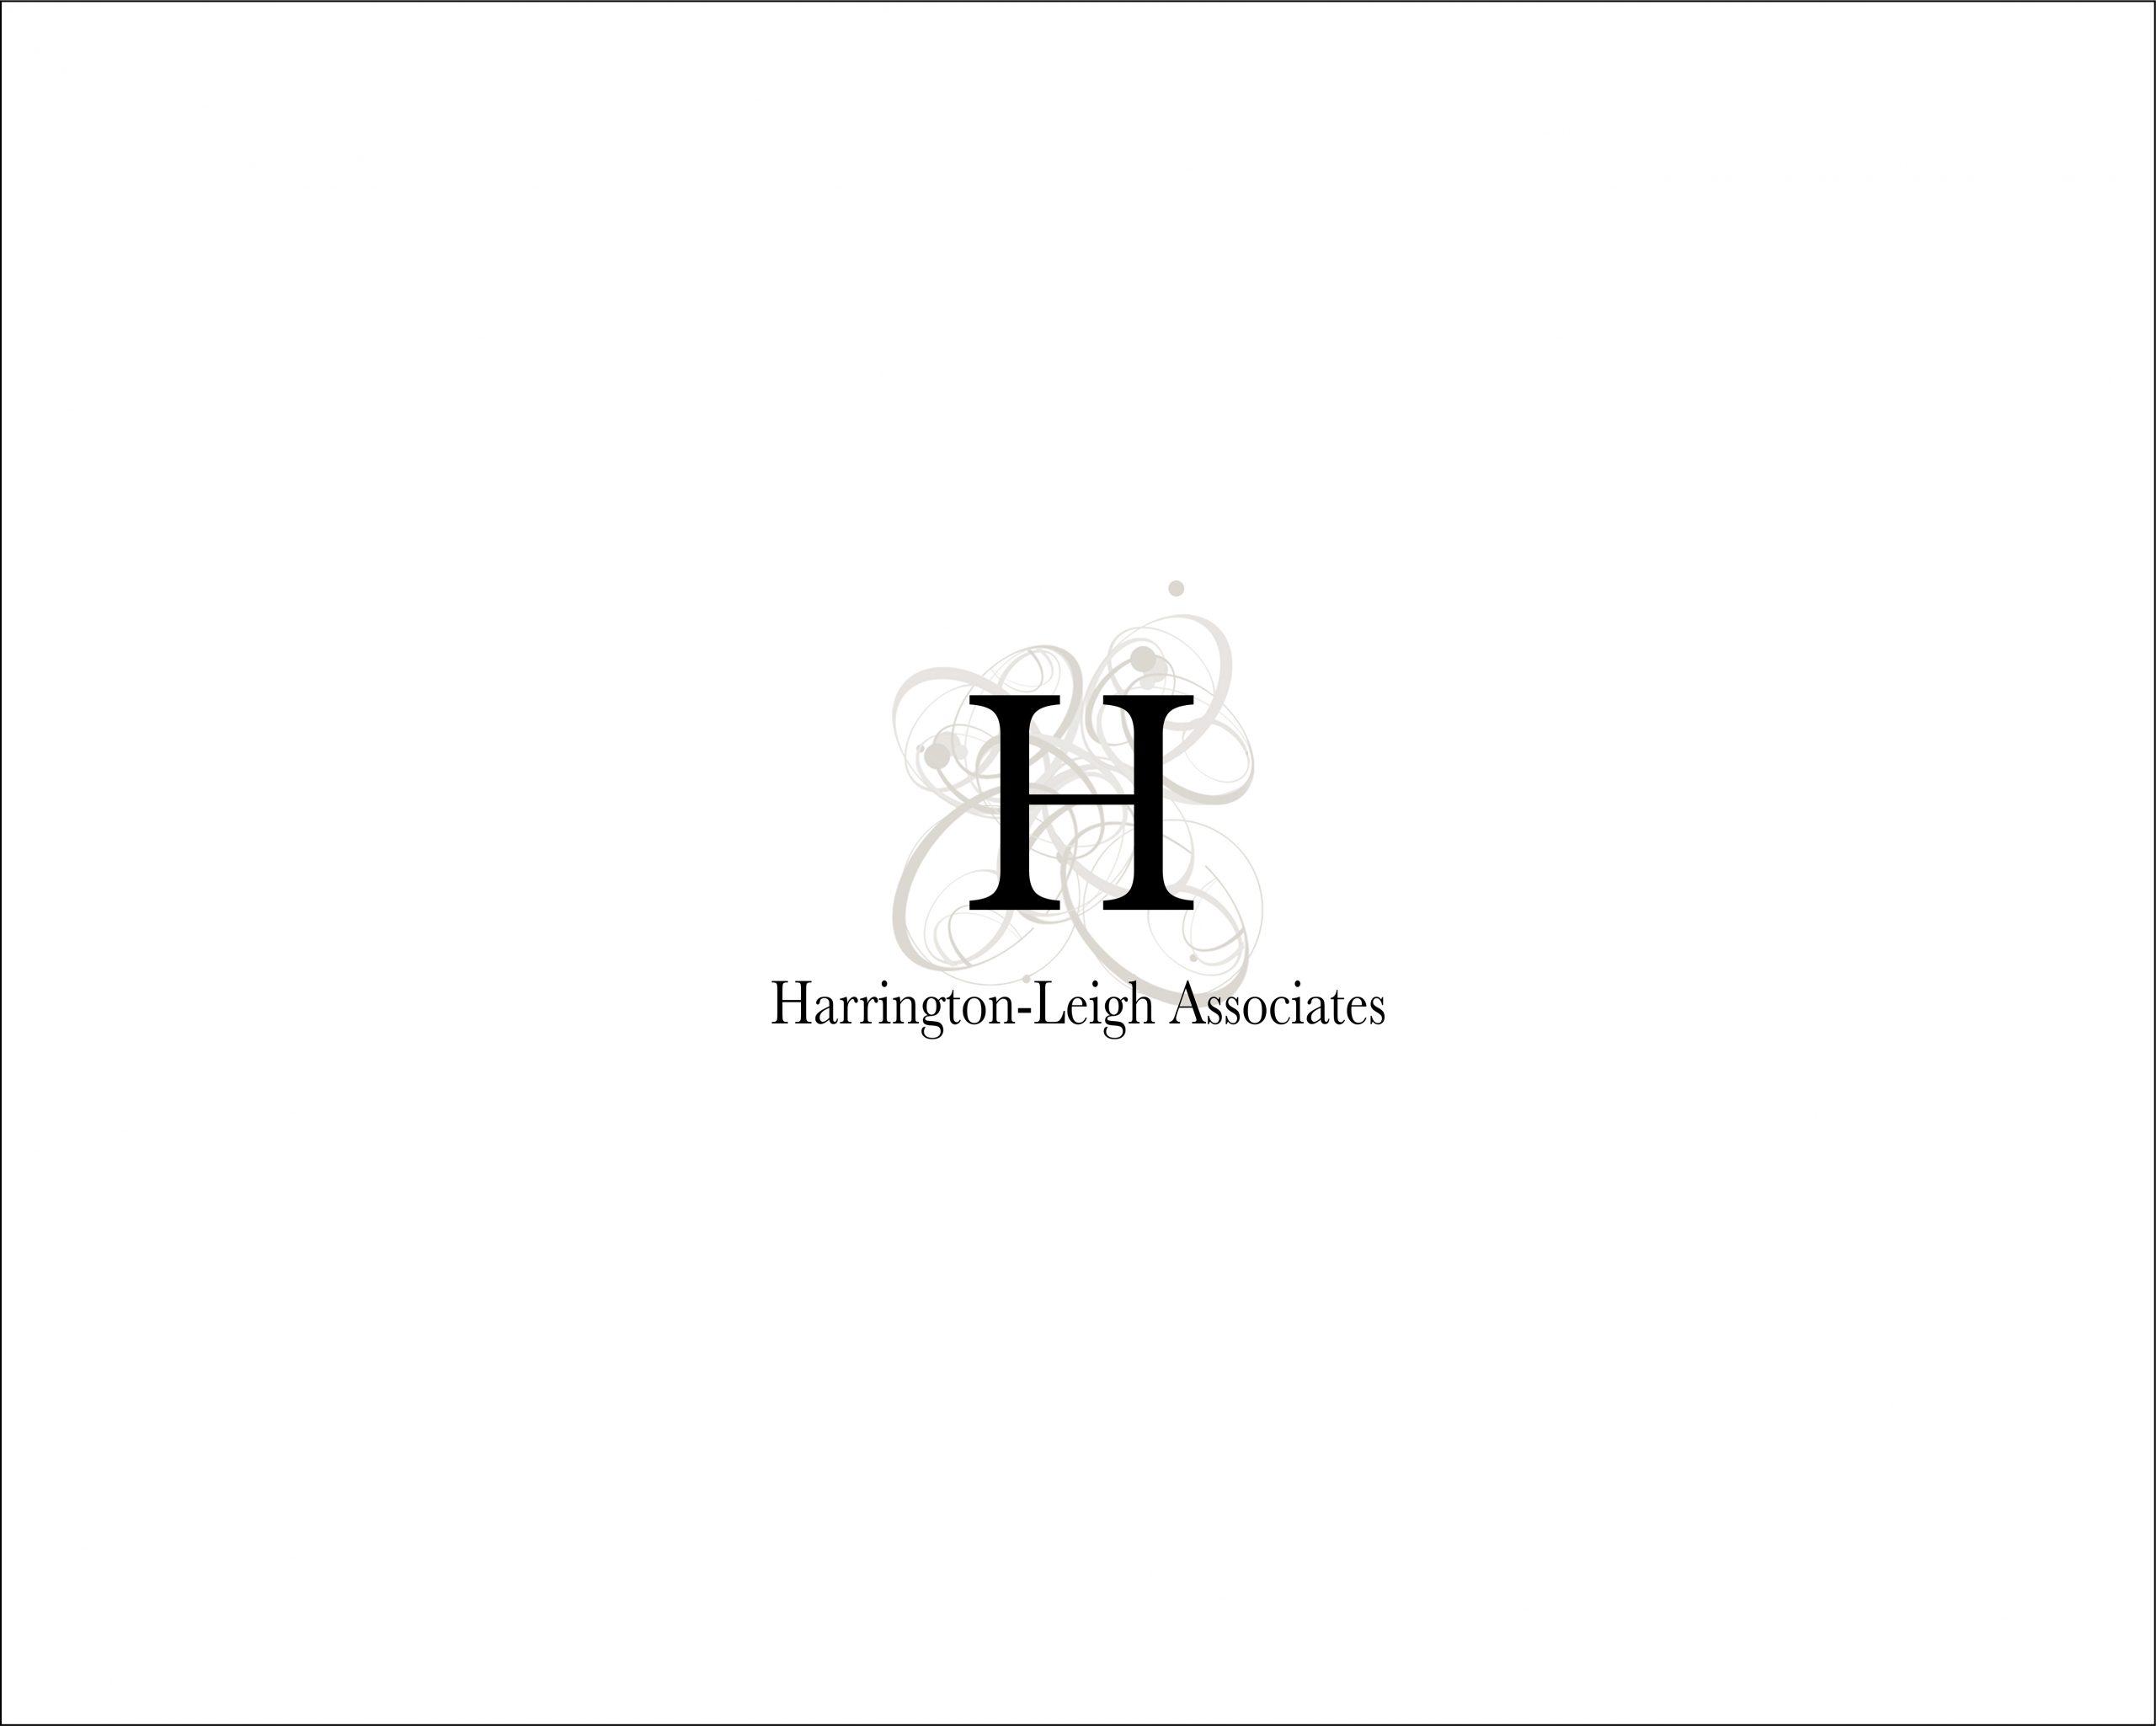 Harrington-Leigh Associates